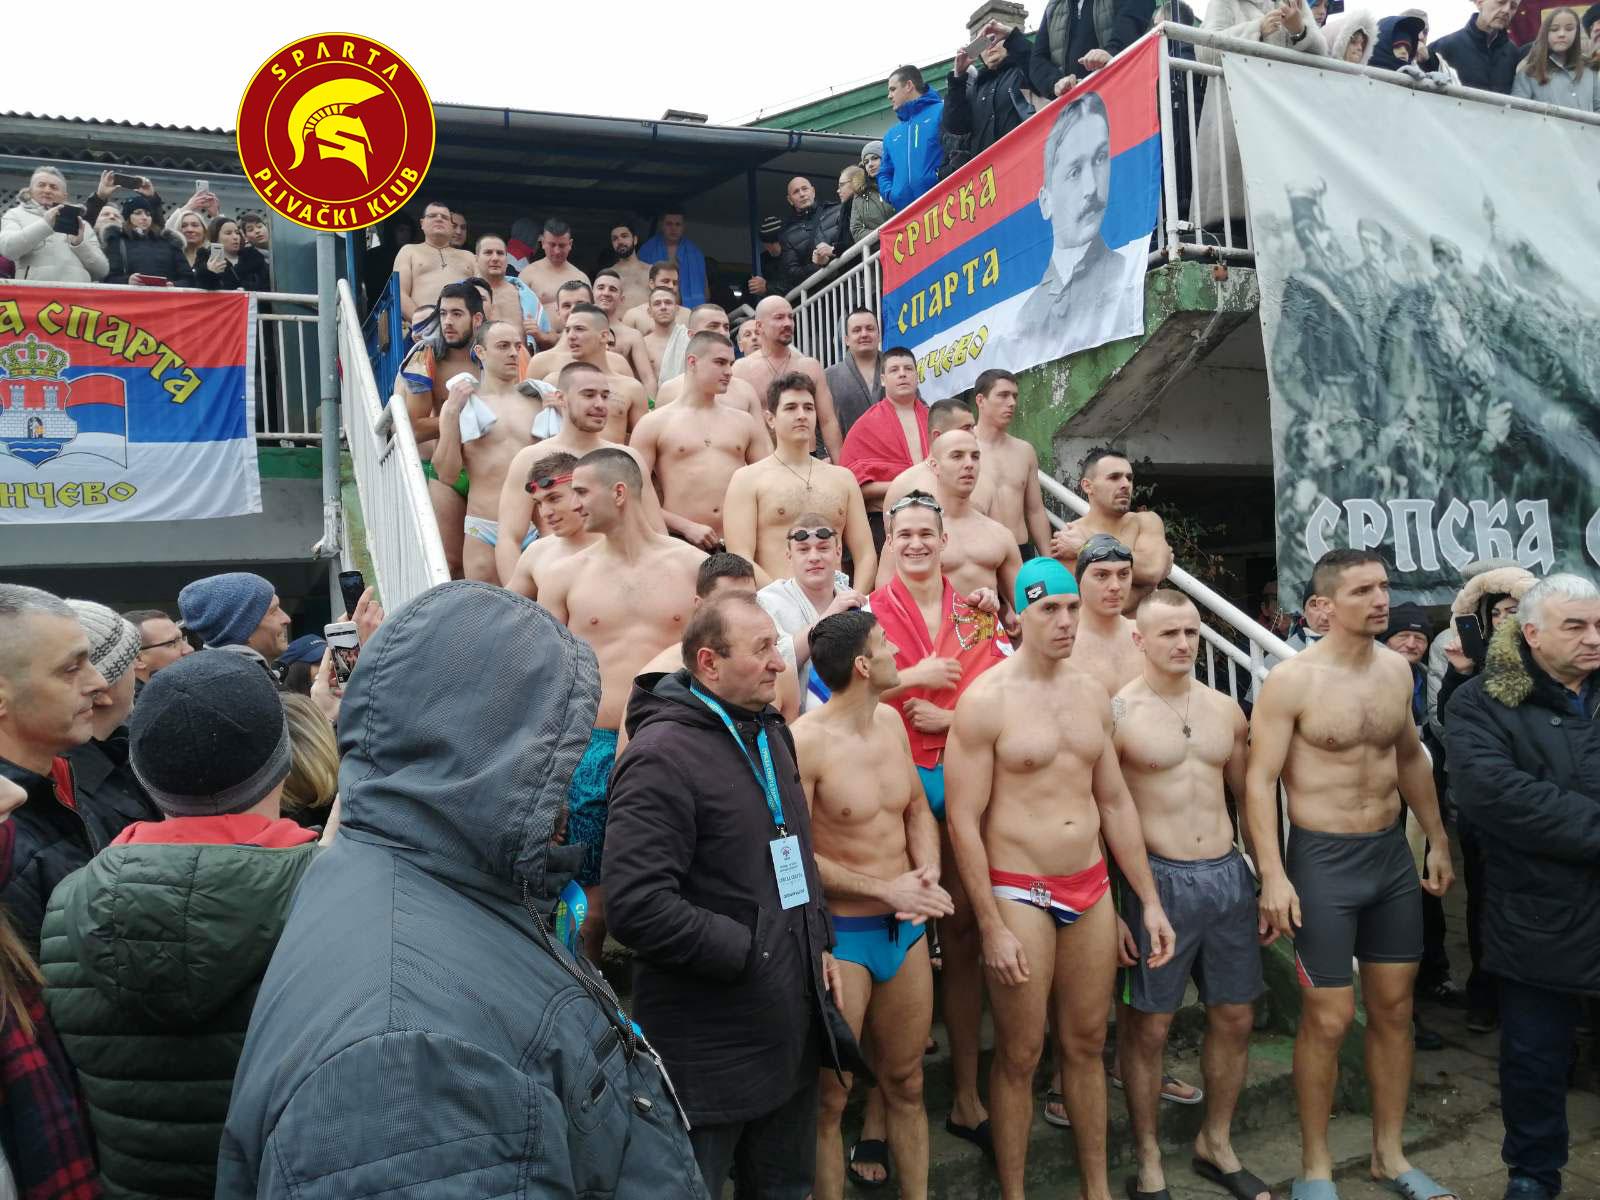 Učesnici u plivanju za časni krst održanom na Bogojavljenje 19.01.2020. u Pančevu